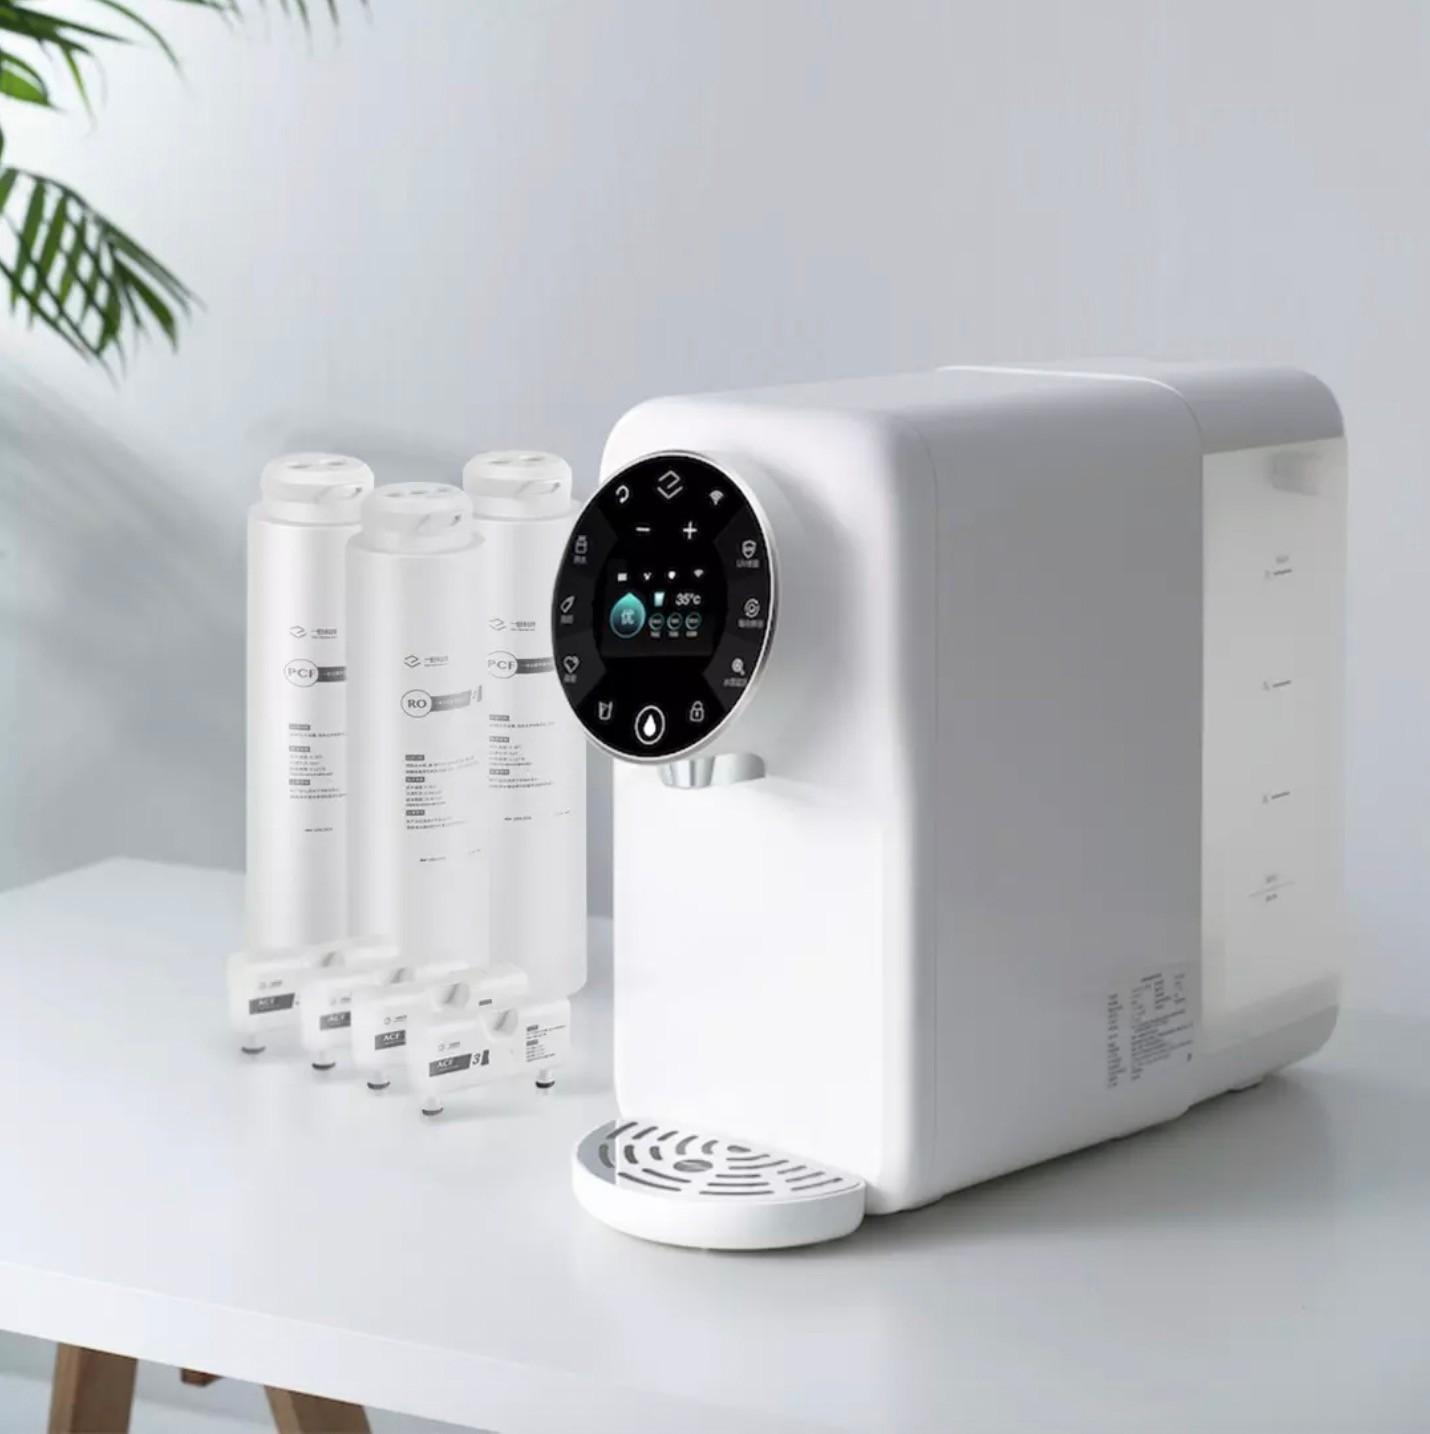 一目 YM-RCS12-F10T1 智能监测即热式净饮机 标配版